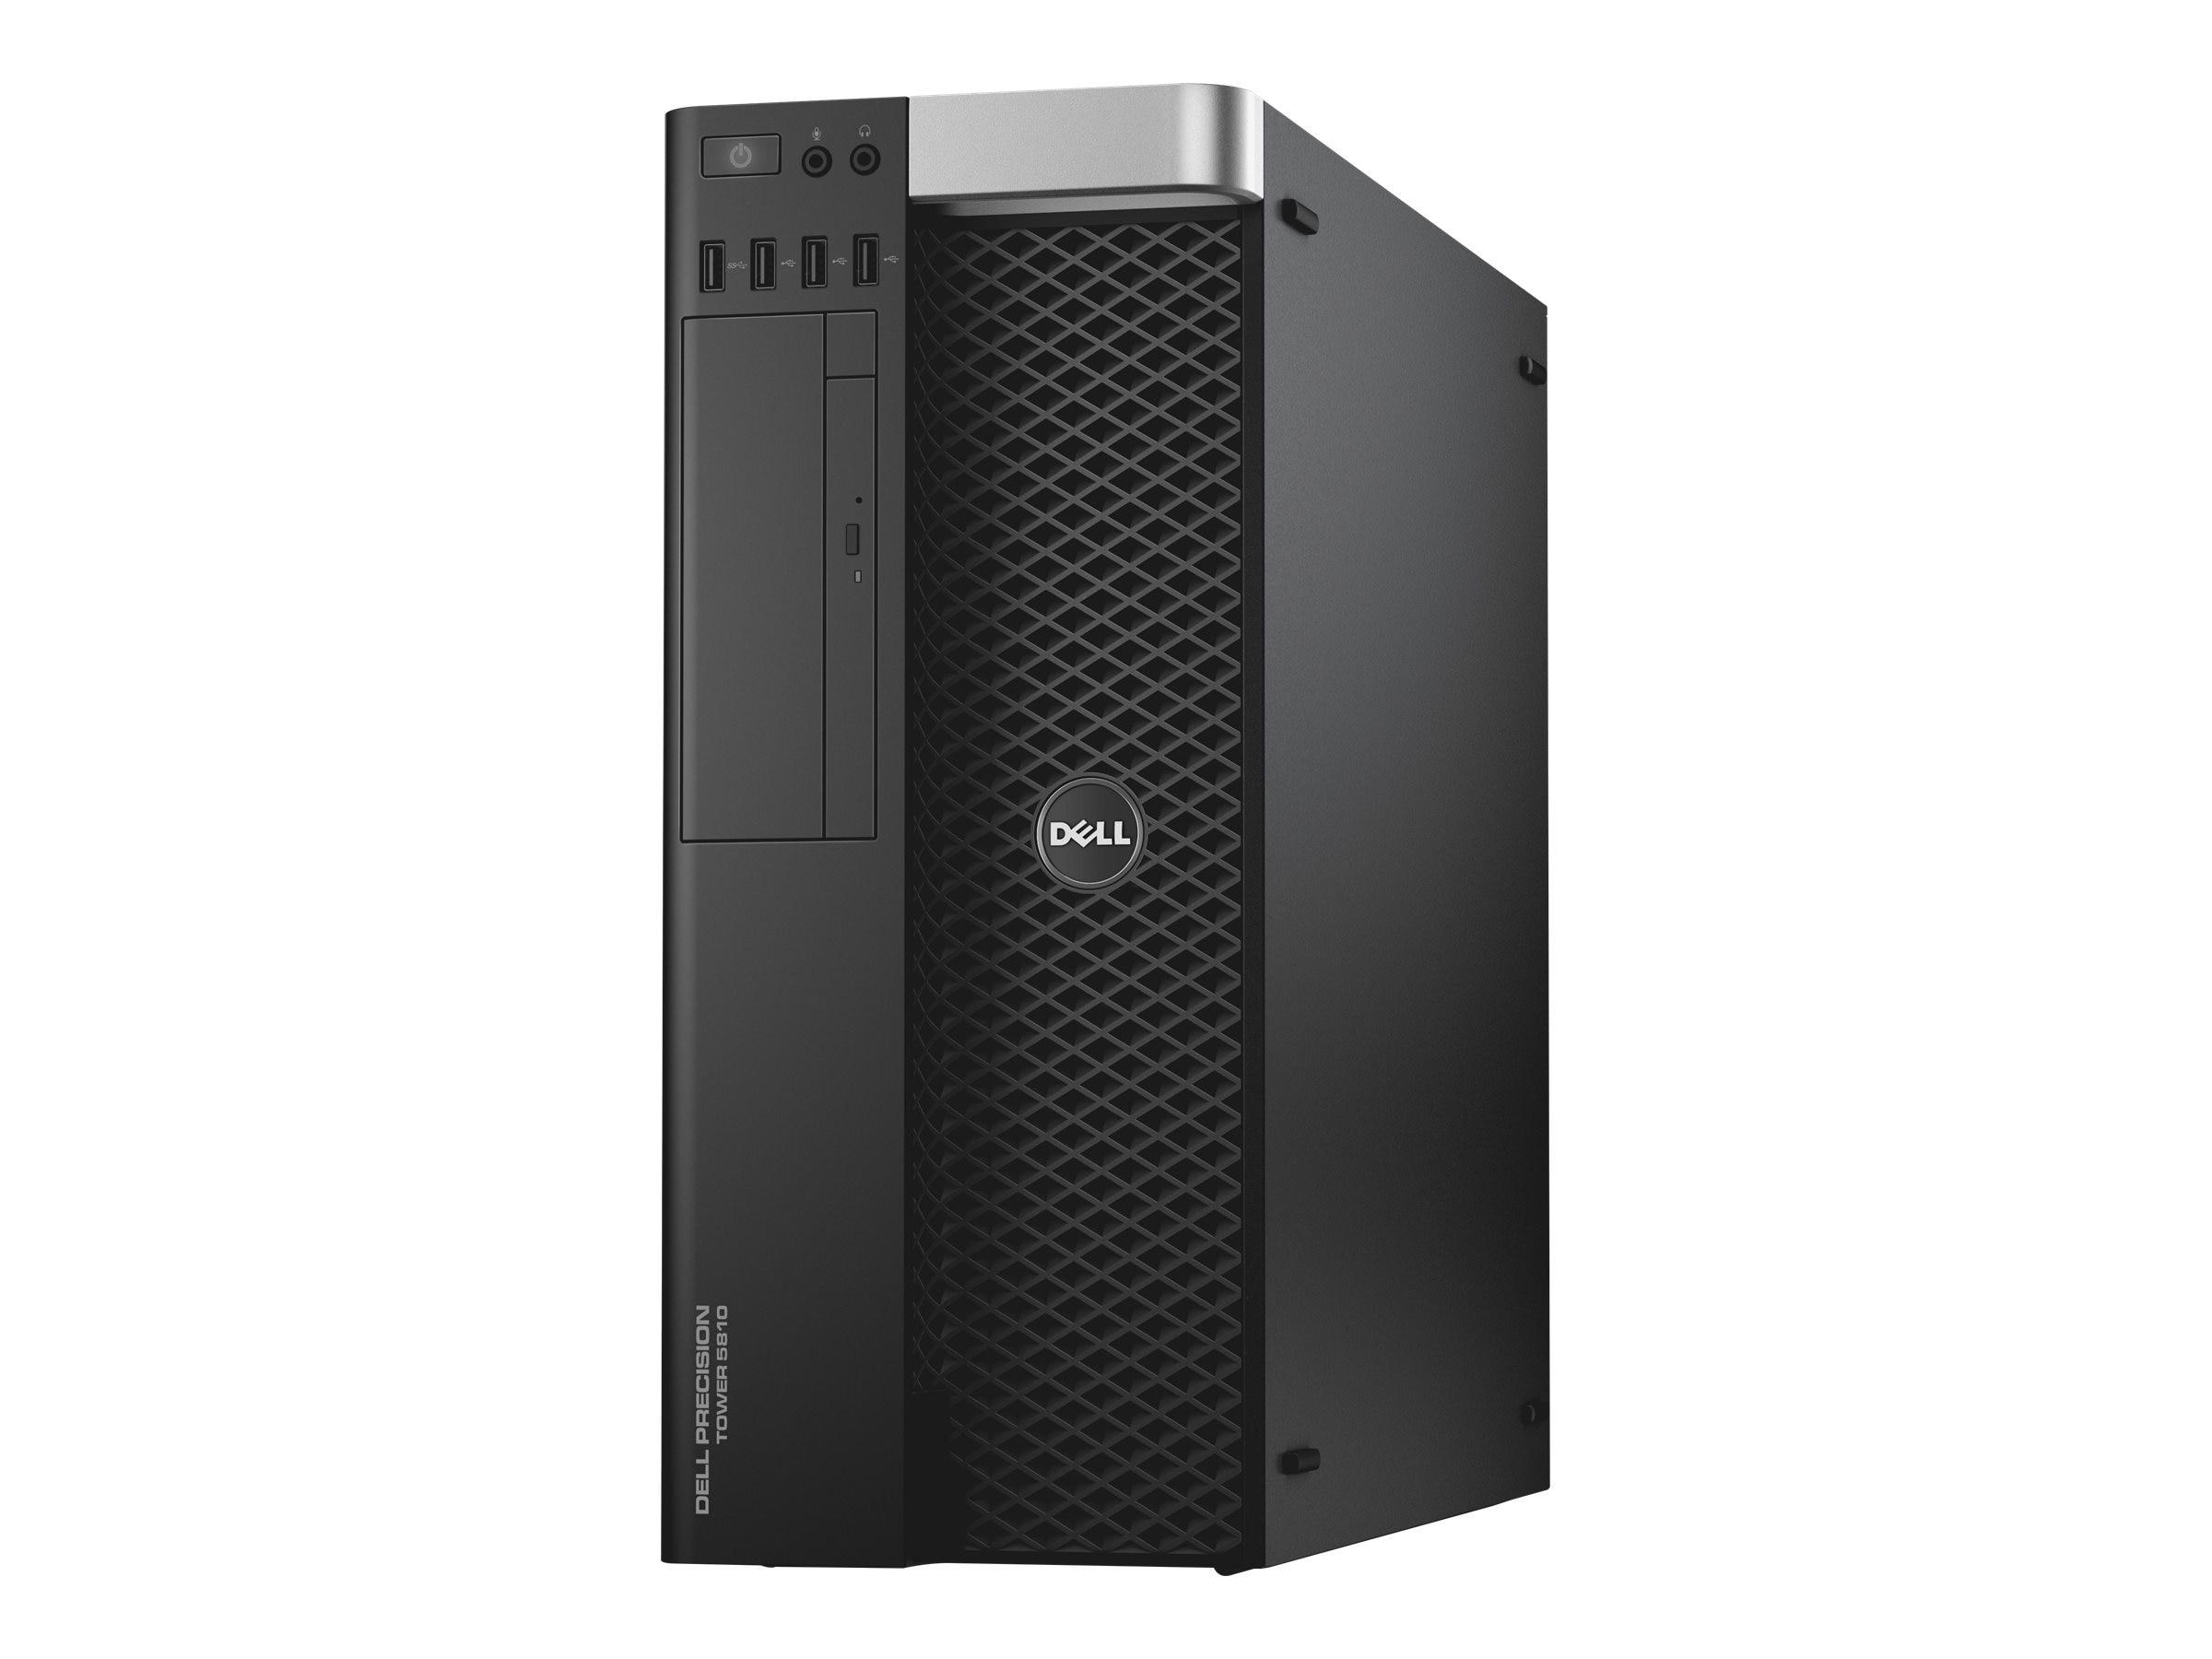 Dell XTV1N Image 1